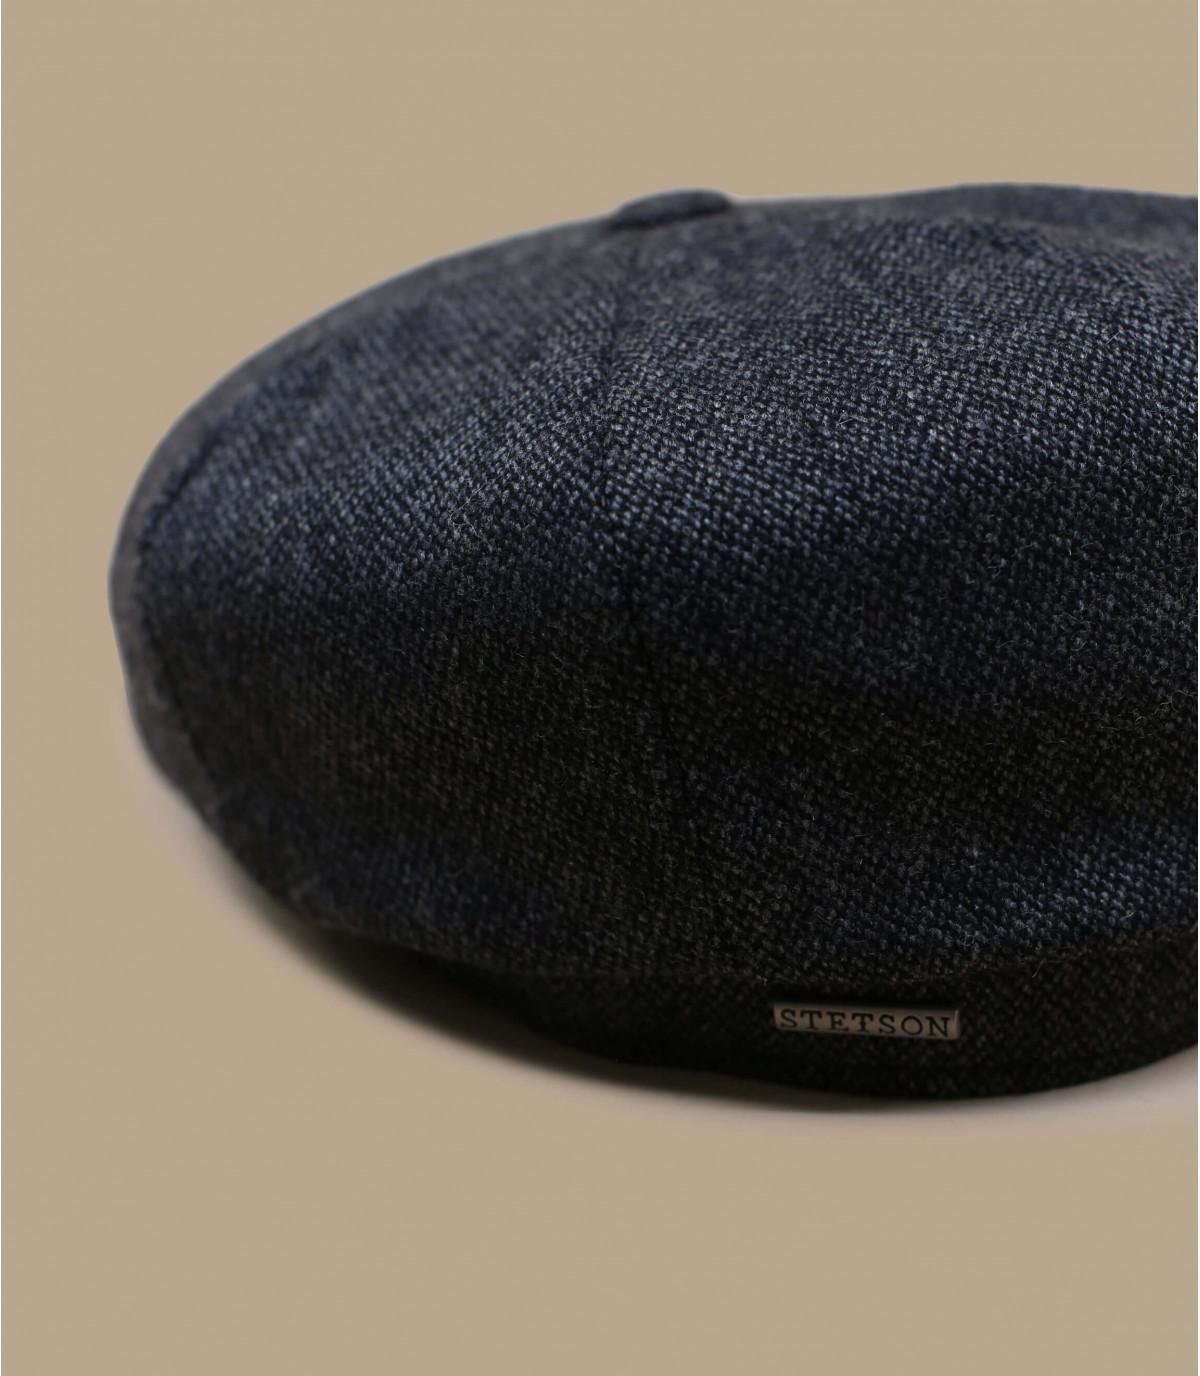 Details Hatteras Wool grey - Abbildung 2